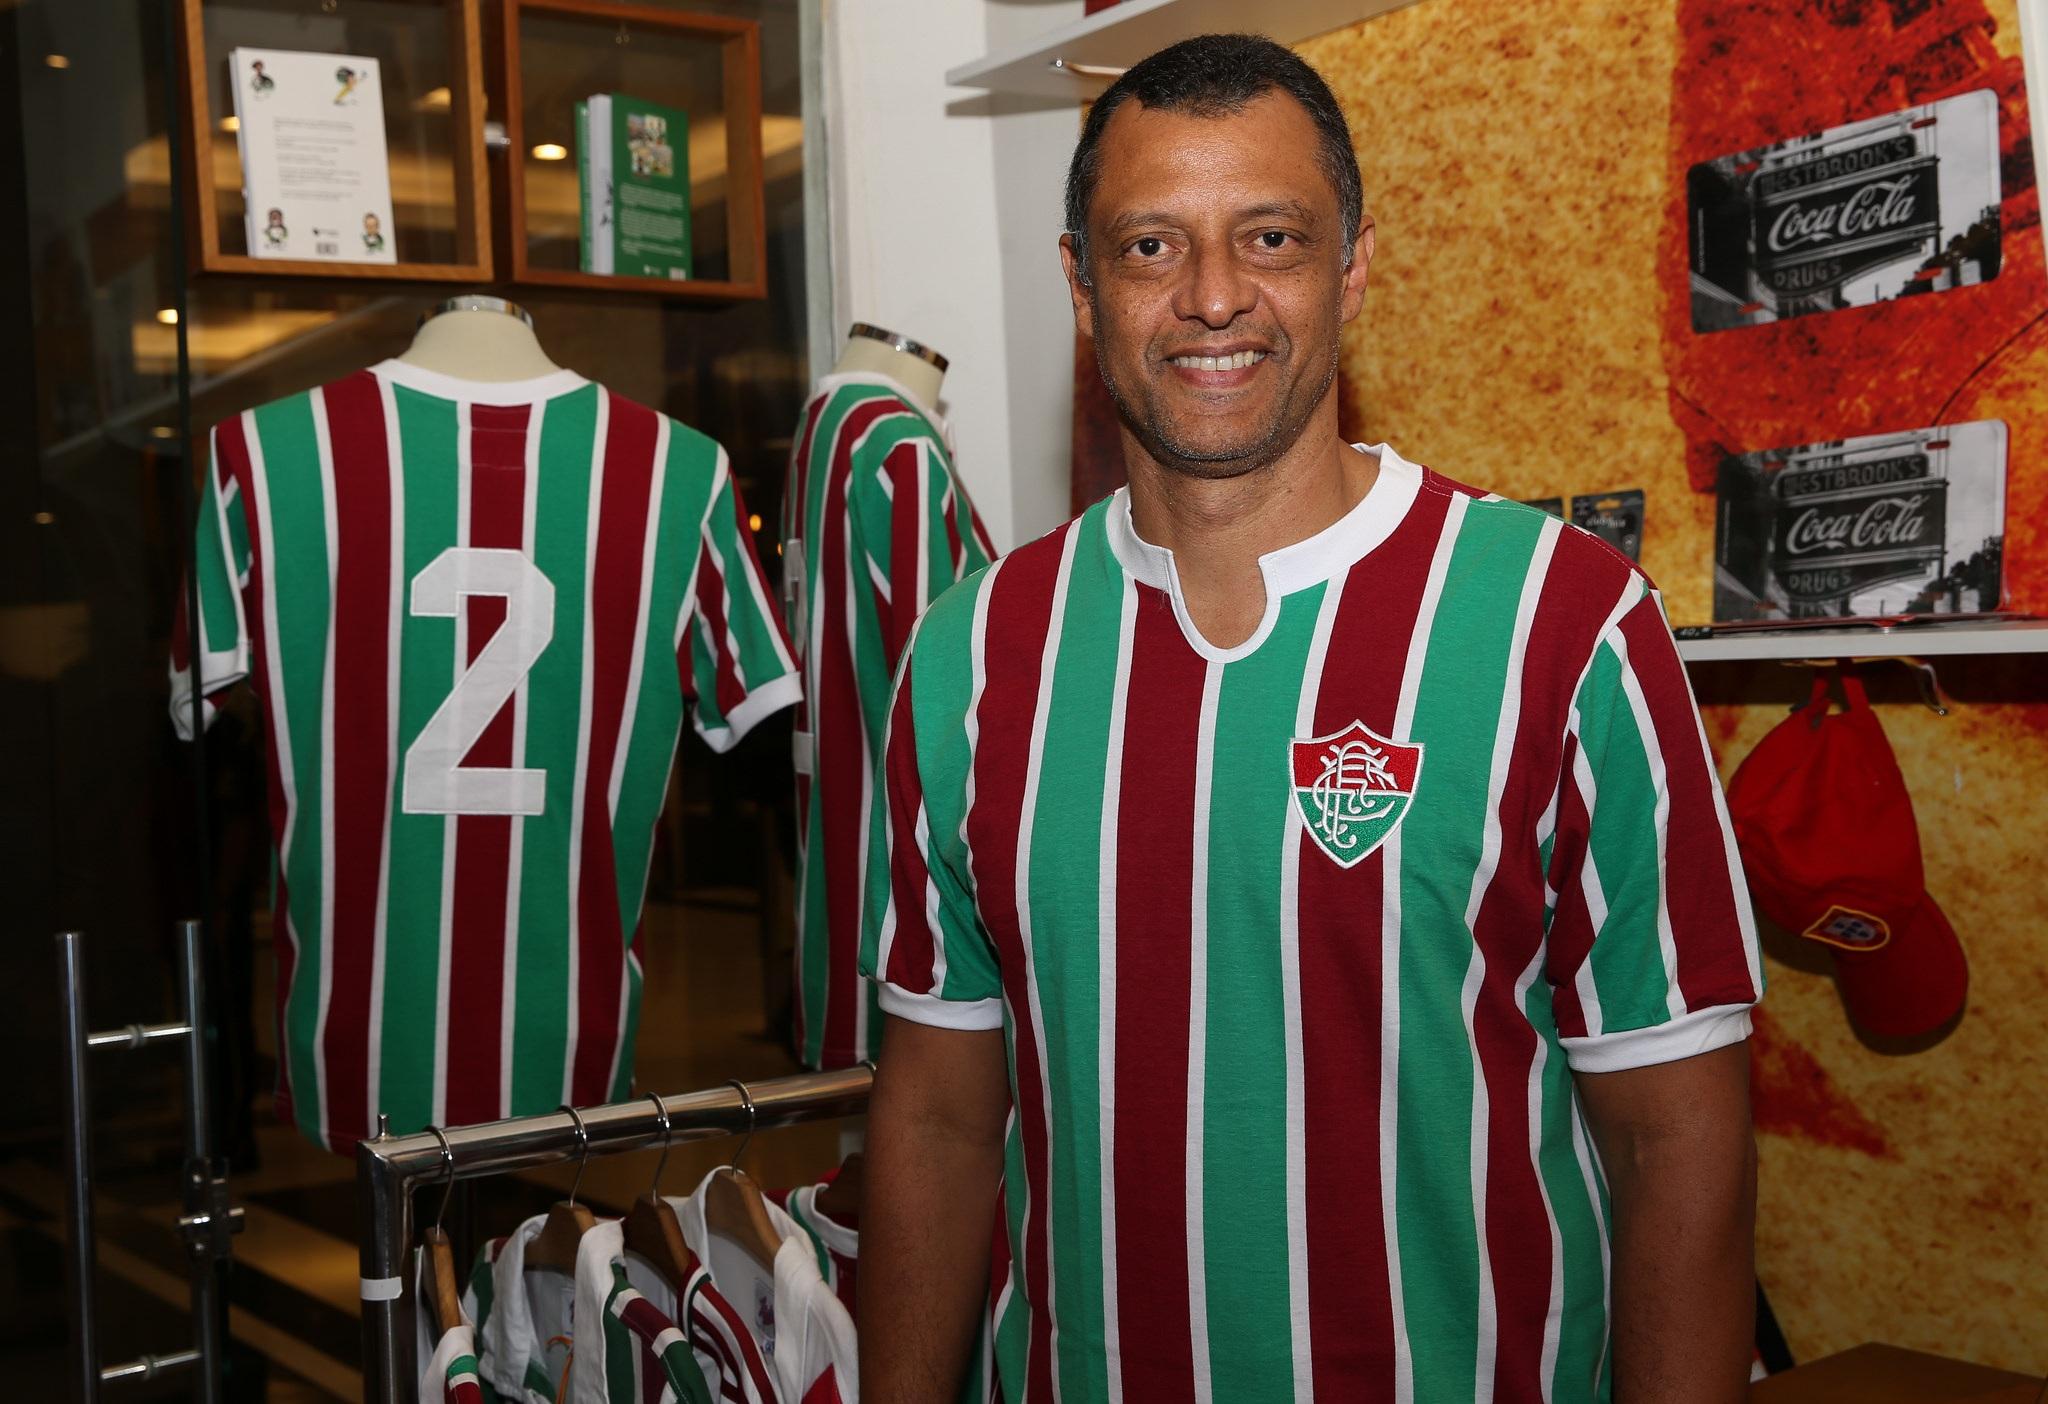 O dia do Fluminense foi marcado por comemorações e homenagens a Carlos  Alberto Torres nesta segunda-feira. O clube lançou 31bd7a09150e7